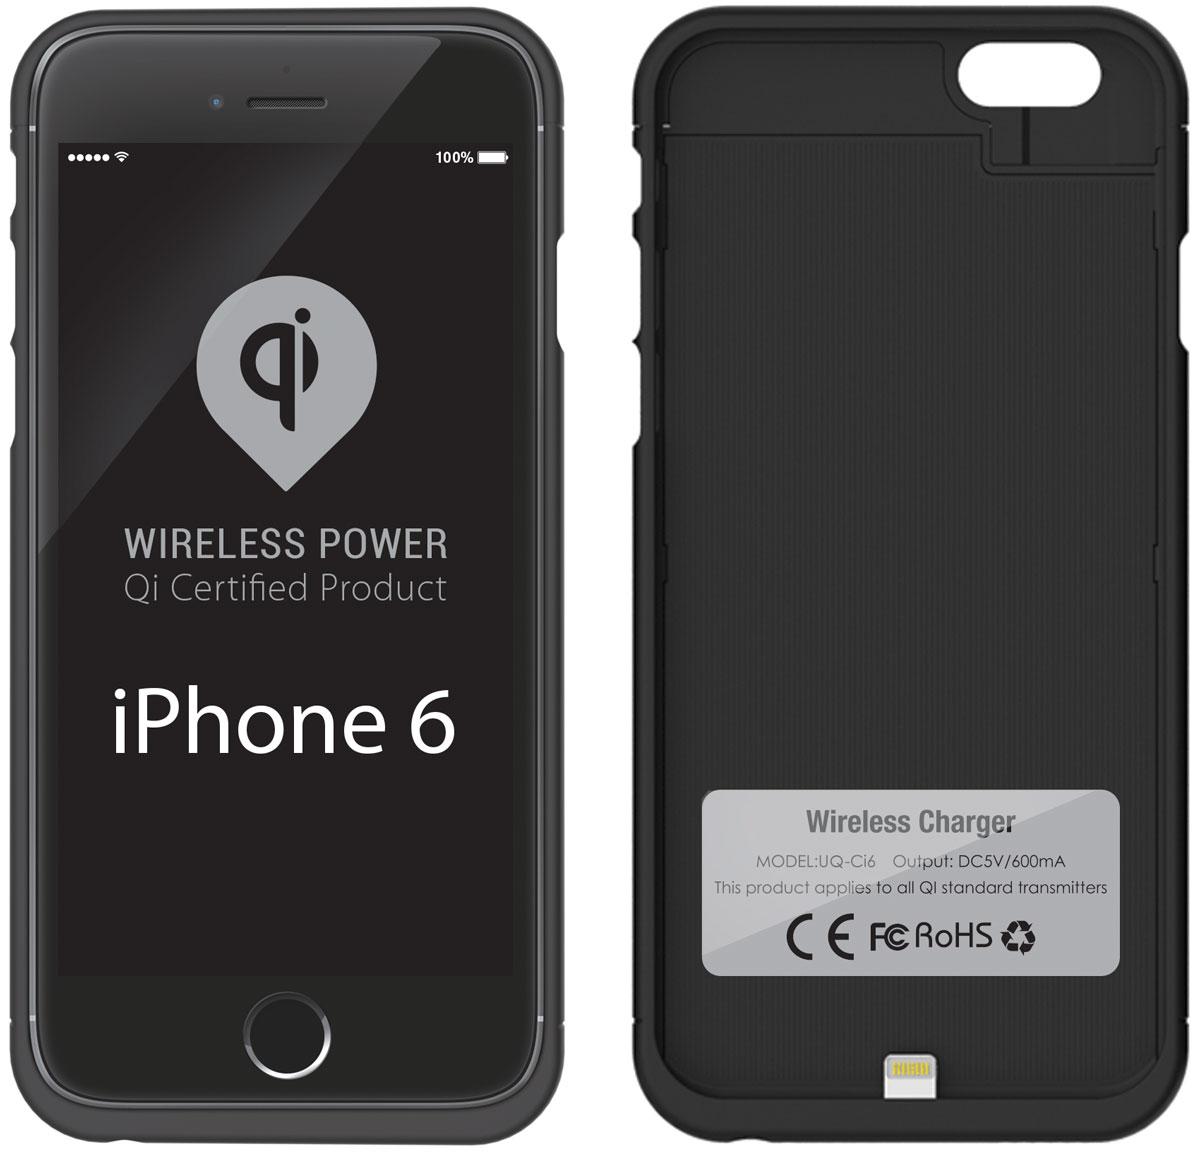 UPVEL UQ-Ci6 Stingray для iPhone 6, Black чехол-приемник для беспроводной зарядки стандарта QiUQ-Ci6 STINGRAYЧехол UPVEL UQ-Ci5 для iPhone 6 представляет собой аксессуар два в одном. Во-первых, он позволяет вашему iPhone 6 заряжаться от беспроводных устройств стандарта Qi и избавляет вас от необходимости постоянно подключать и отключать кабель зарядного устройства. Во-вторых, чехол прекрасно справляется с защитой телефона от повреждений и царапин. Рабочее расстояние: 3-7 мм Эффективность: 500 мАч Стандарты: WPC-1.0, WPC-1.1